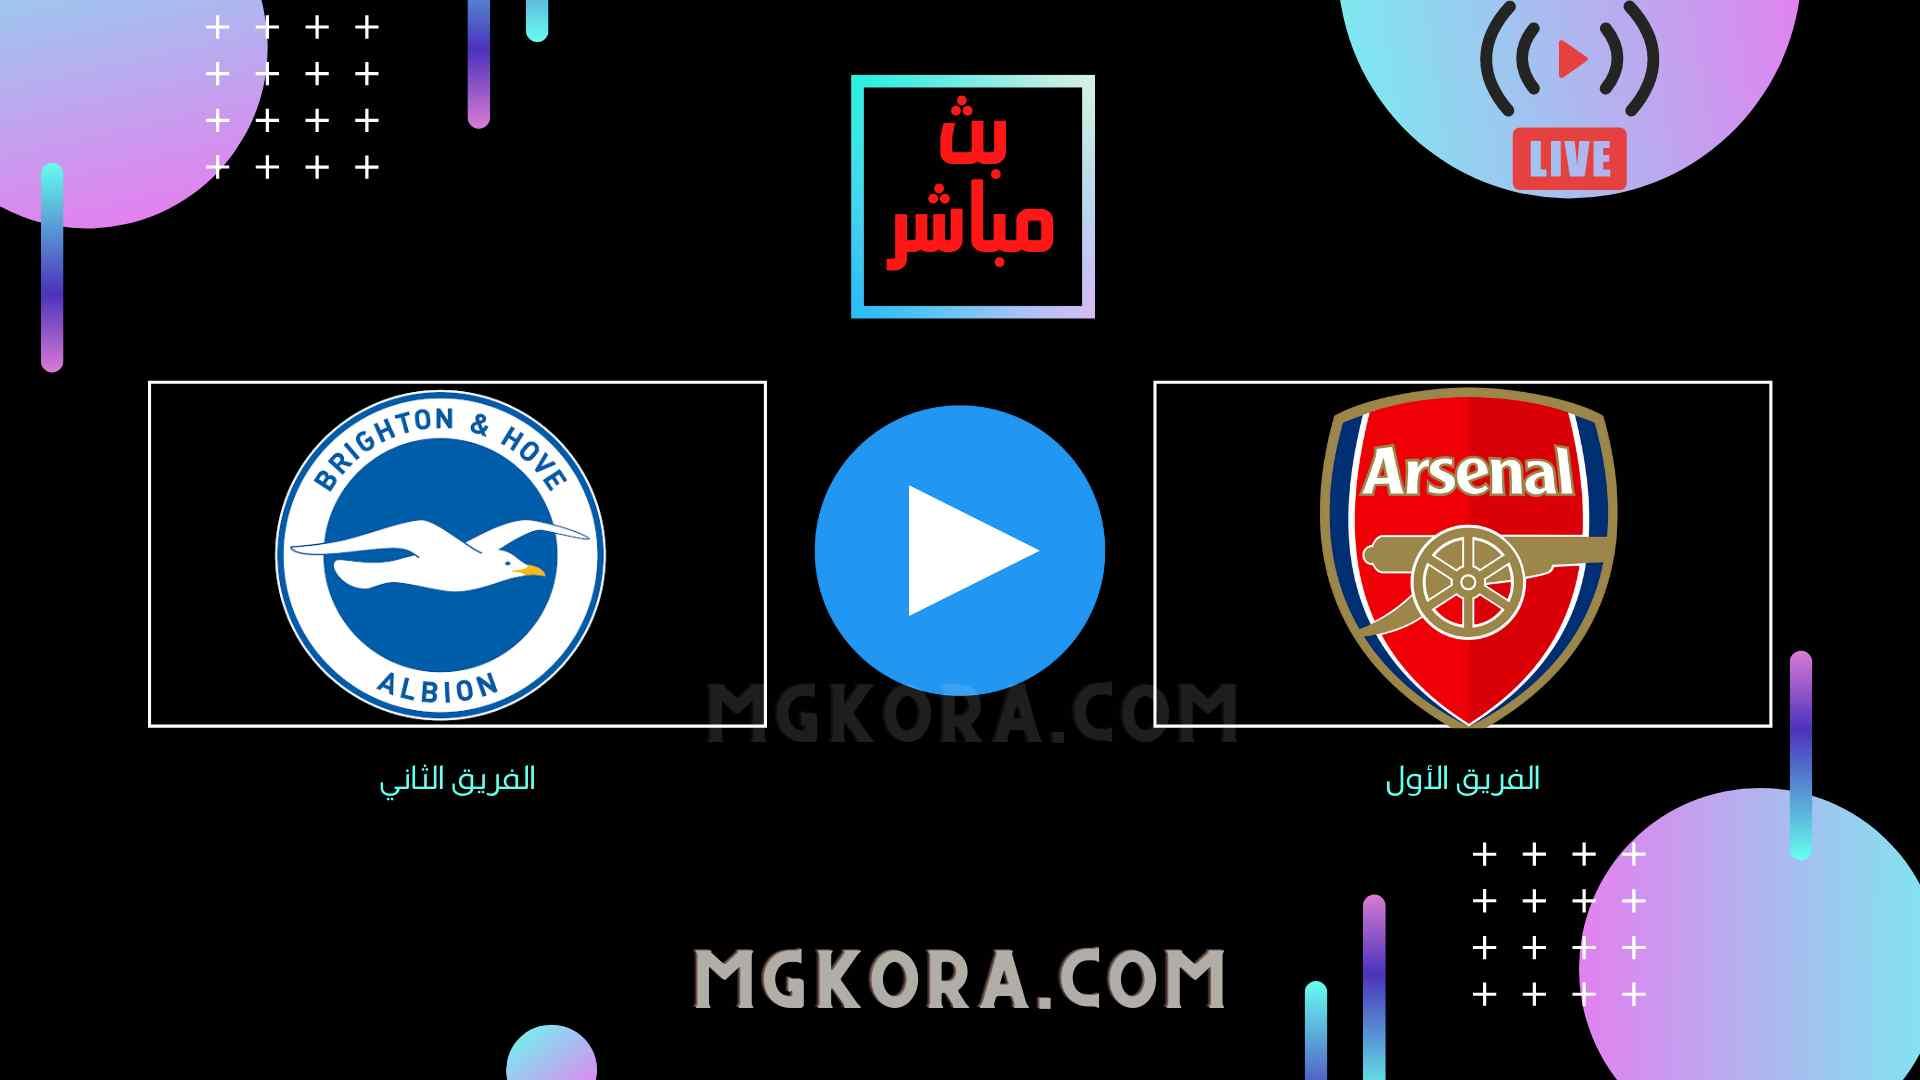 مشاهدة مباراة أرسنال وبرايتون بث مباشر السبت 02-10-2021 الدوري الانجليزي